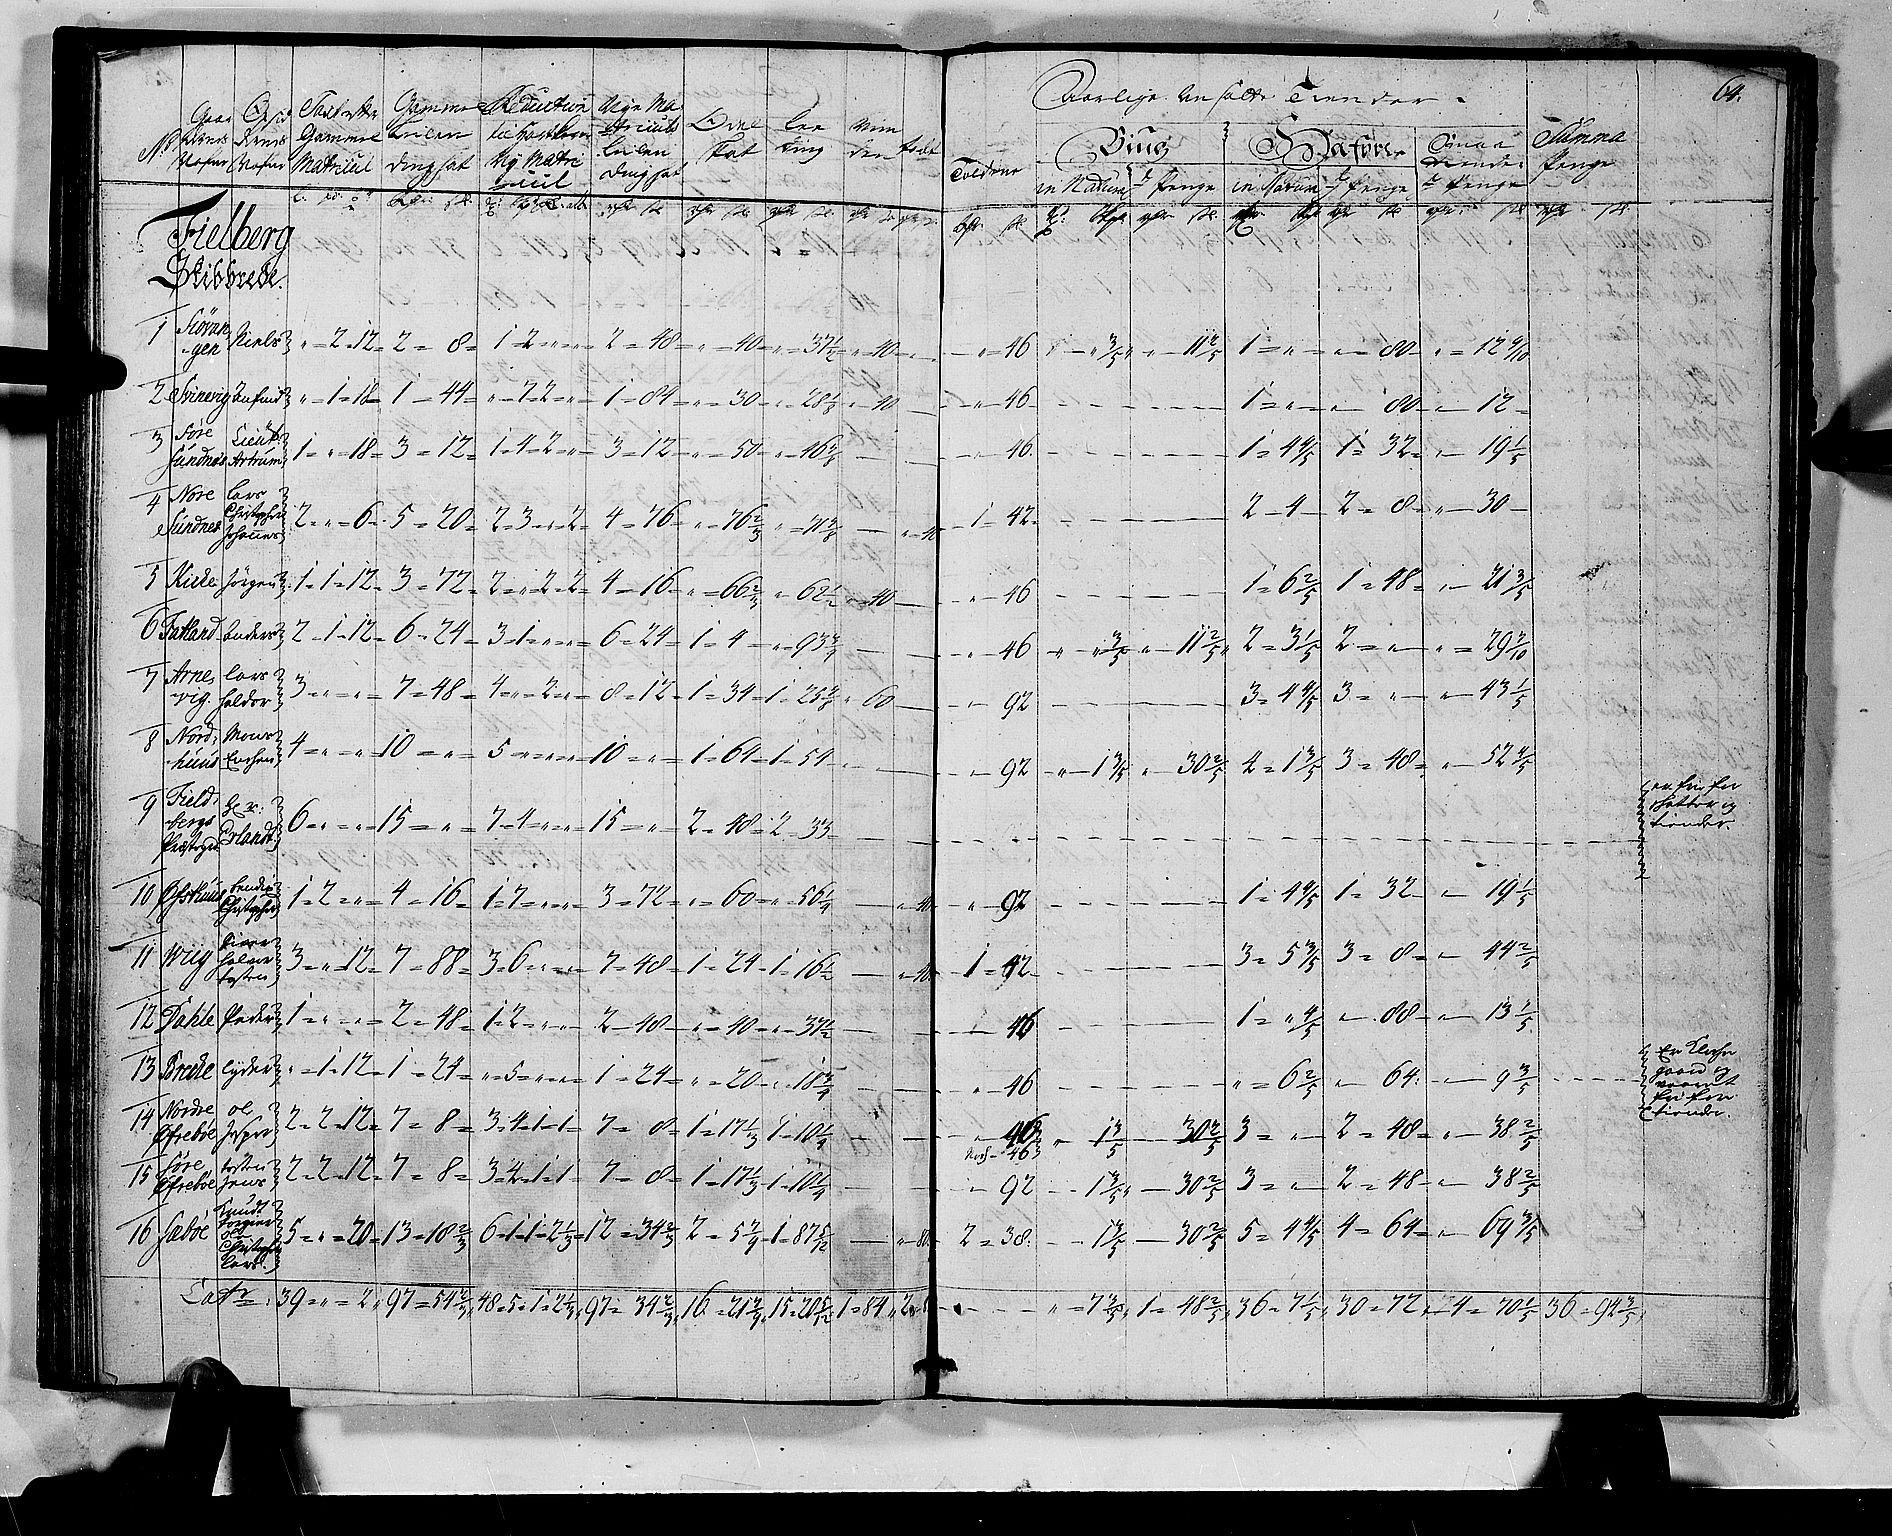 RA, Rentekammeret inntil 1814, Realistisk ordnet avdeling, N/Nb/Nbf/L0135: Sunnhordland matrikkelprotokoll, 1723, s. 63b-64a